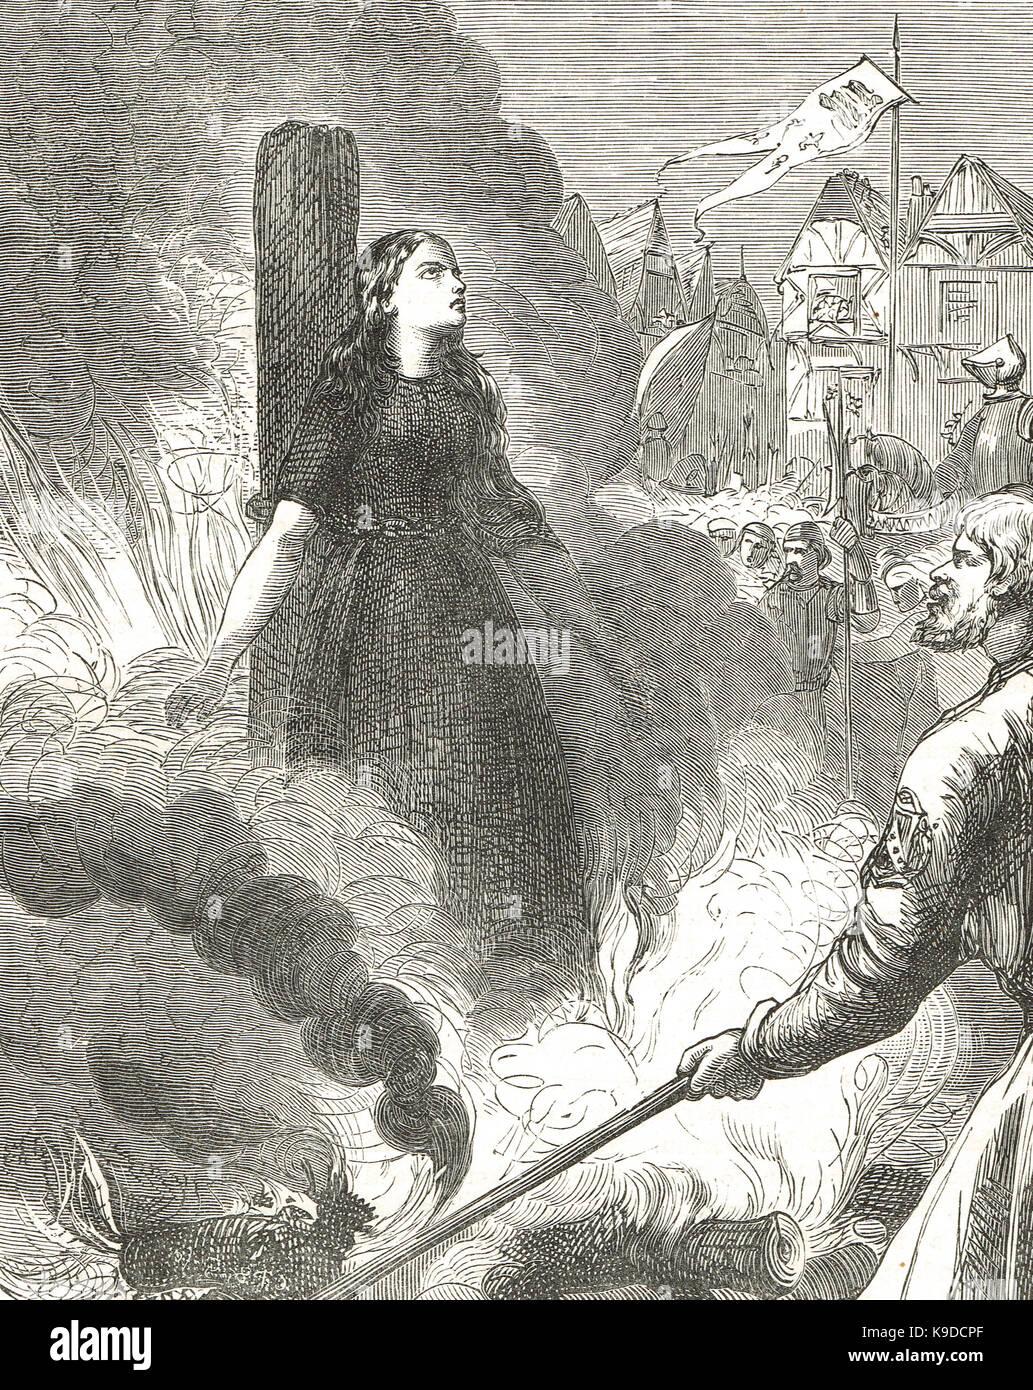 Jeanne d'Arc auf dem Scheiterhaufen verbrannt, Rouen, Frankreich, 30. Mai 1431 Stockbild